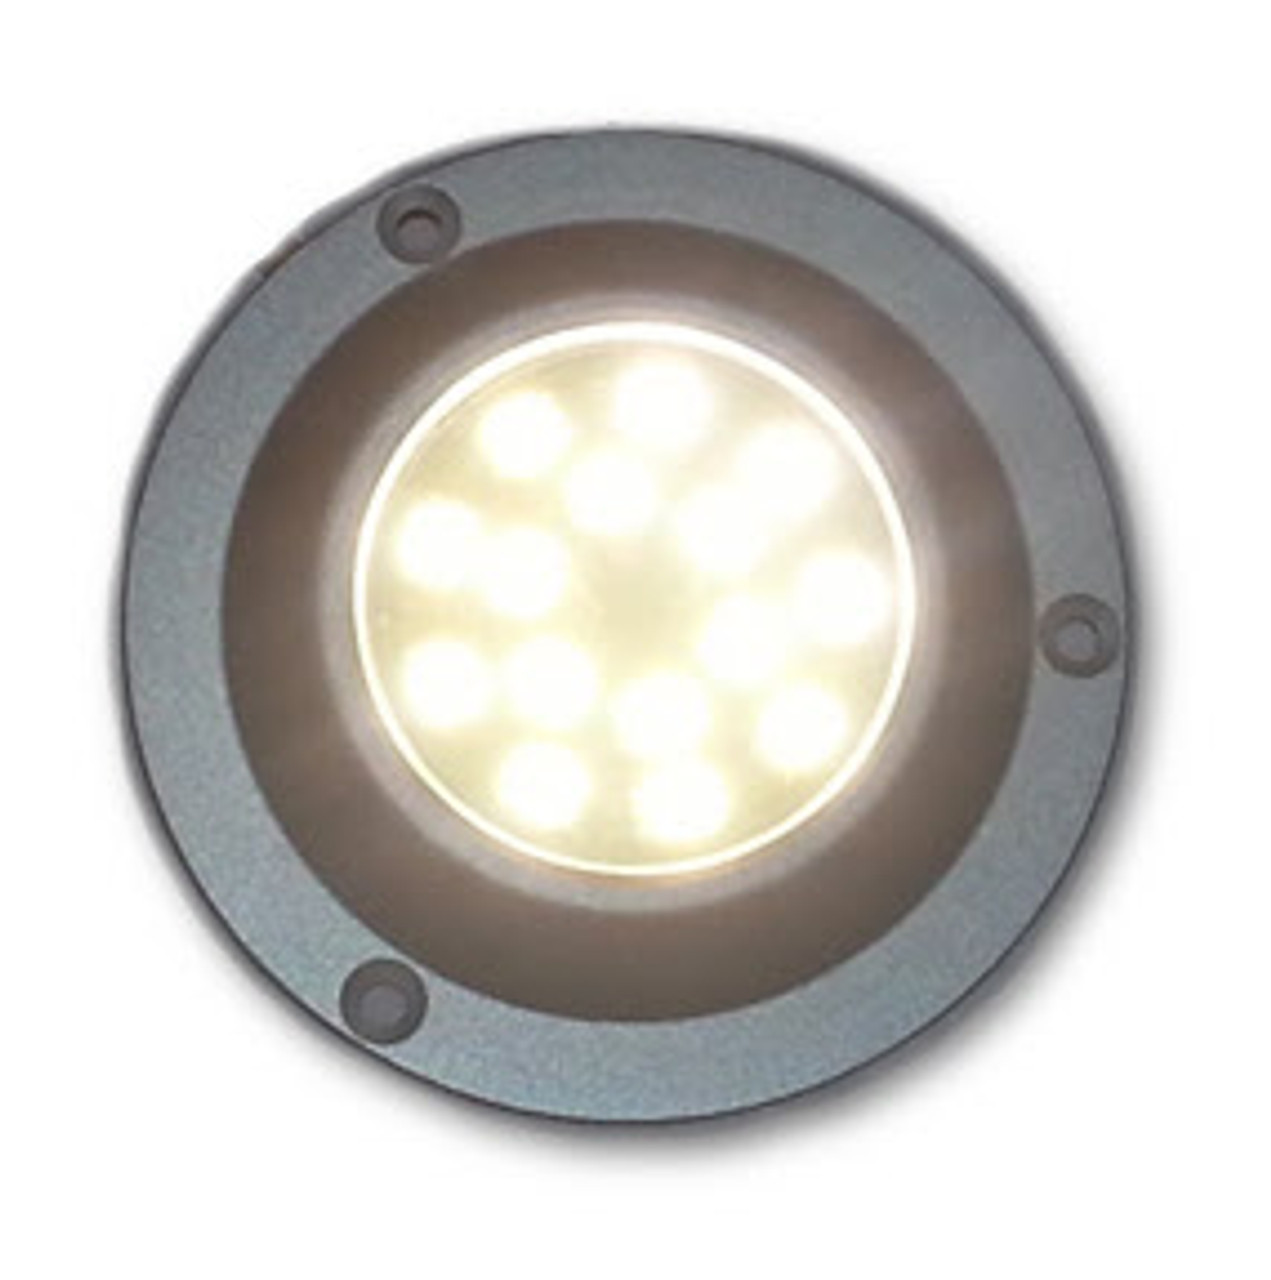 Super bright 300 Lumens